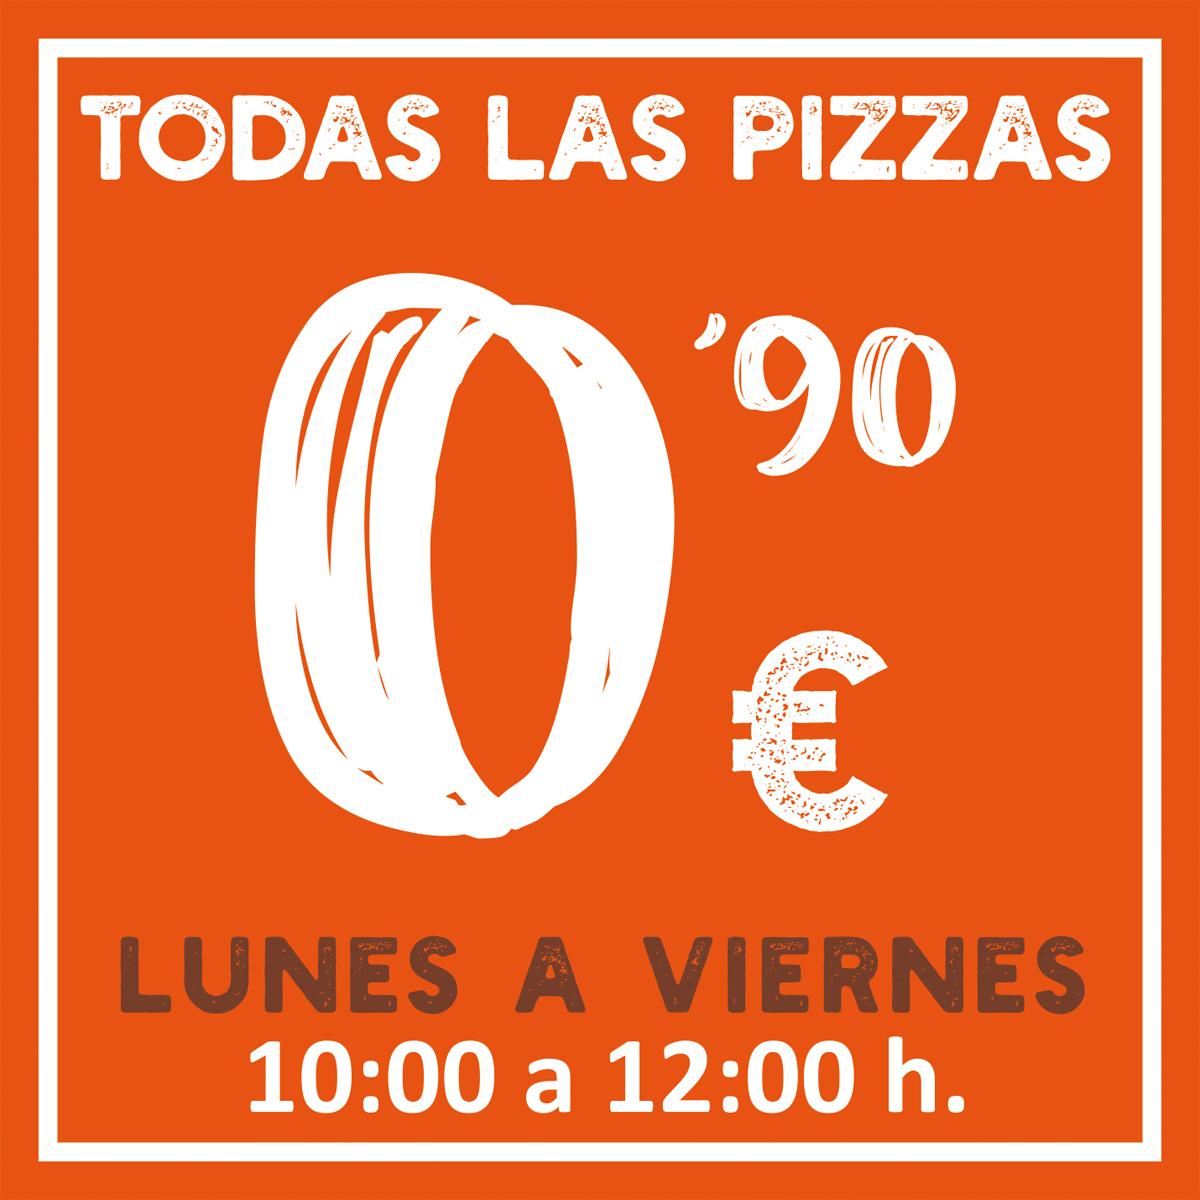 Porciones de Pizza a 0.90 €